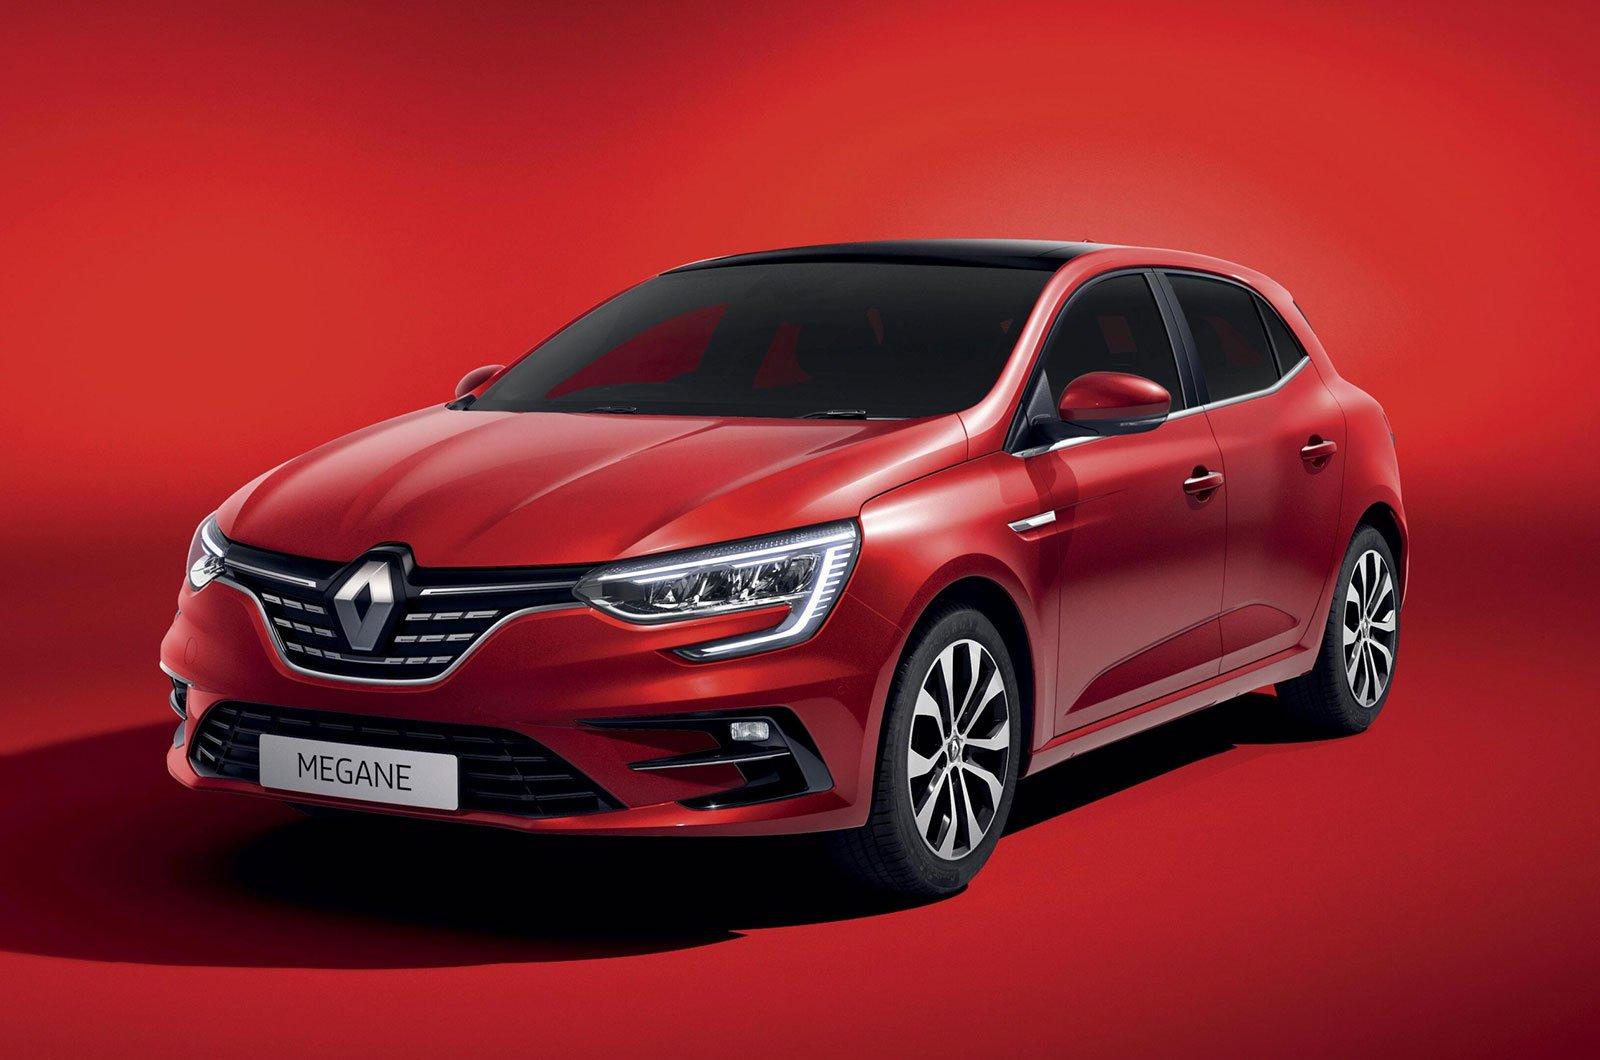 2021 Renault Megane front